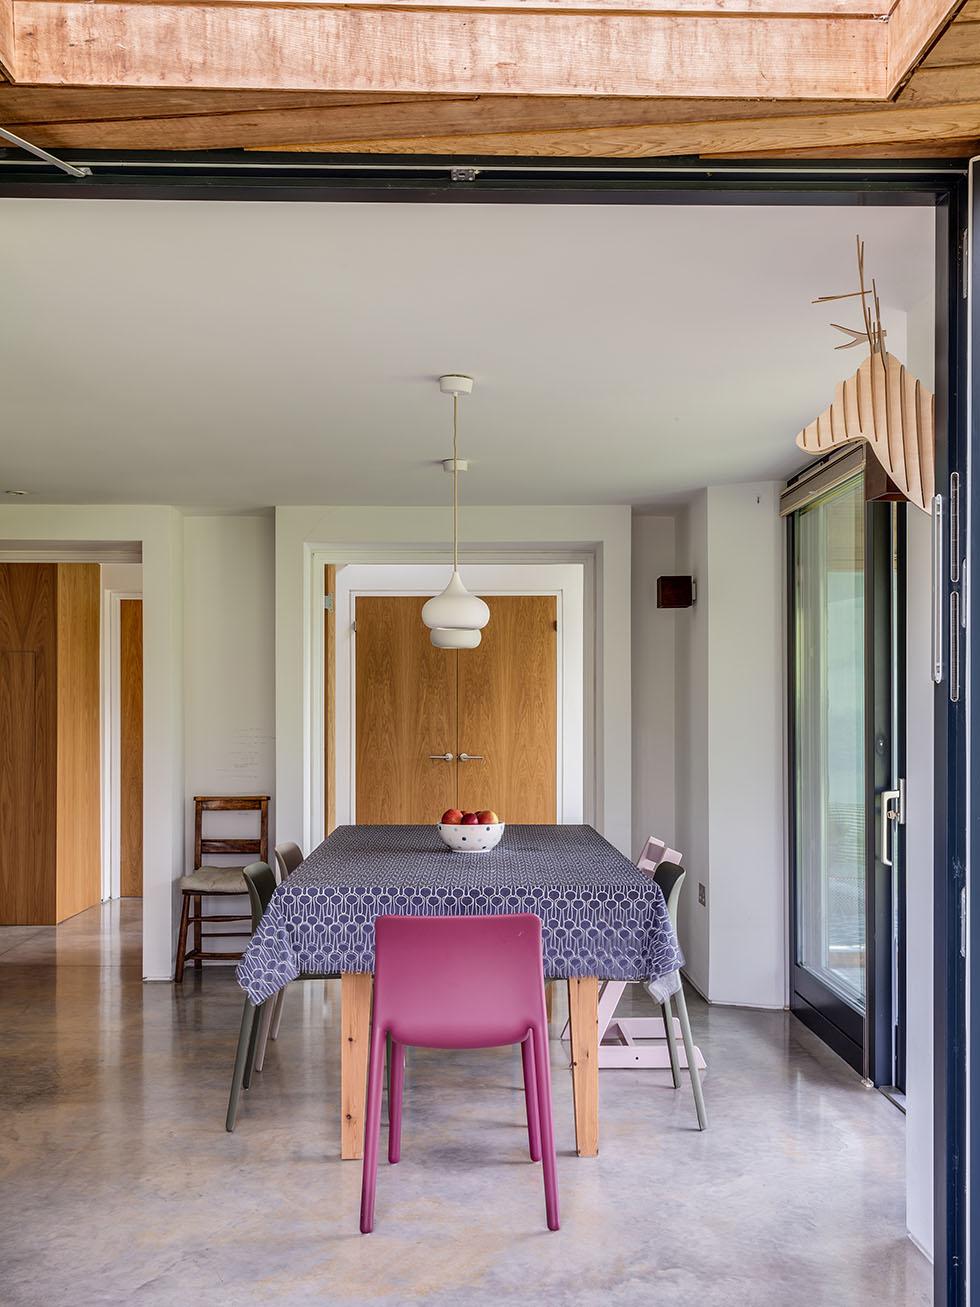 thompson-cottage-dining-room